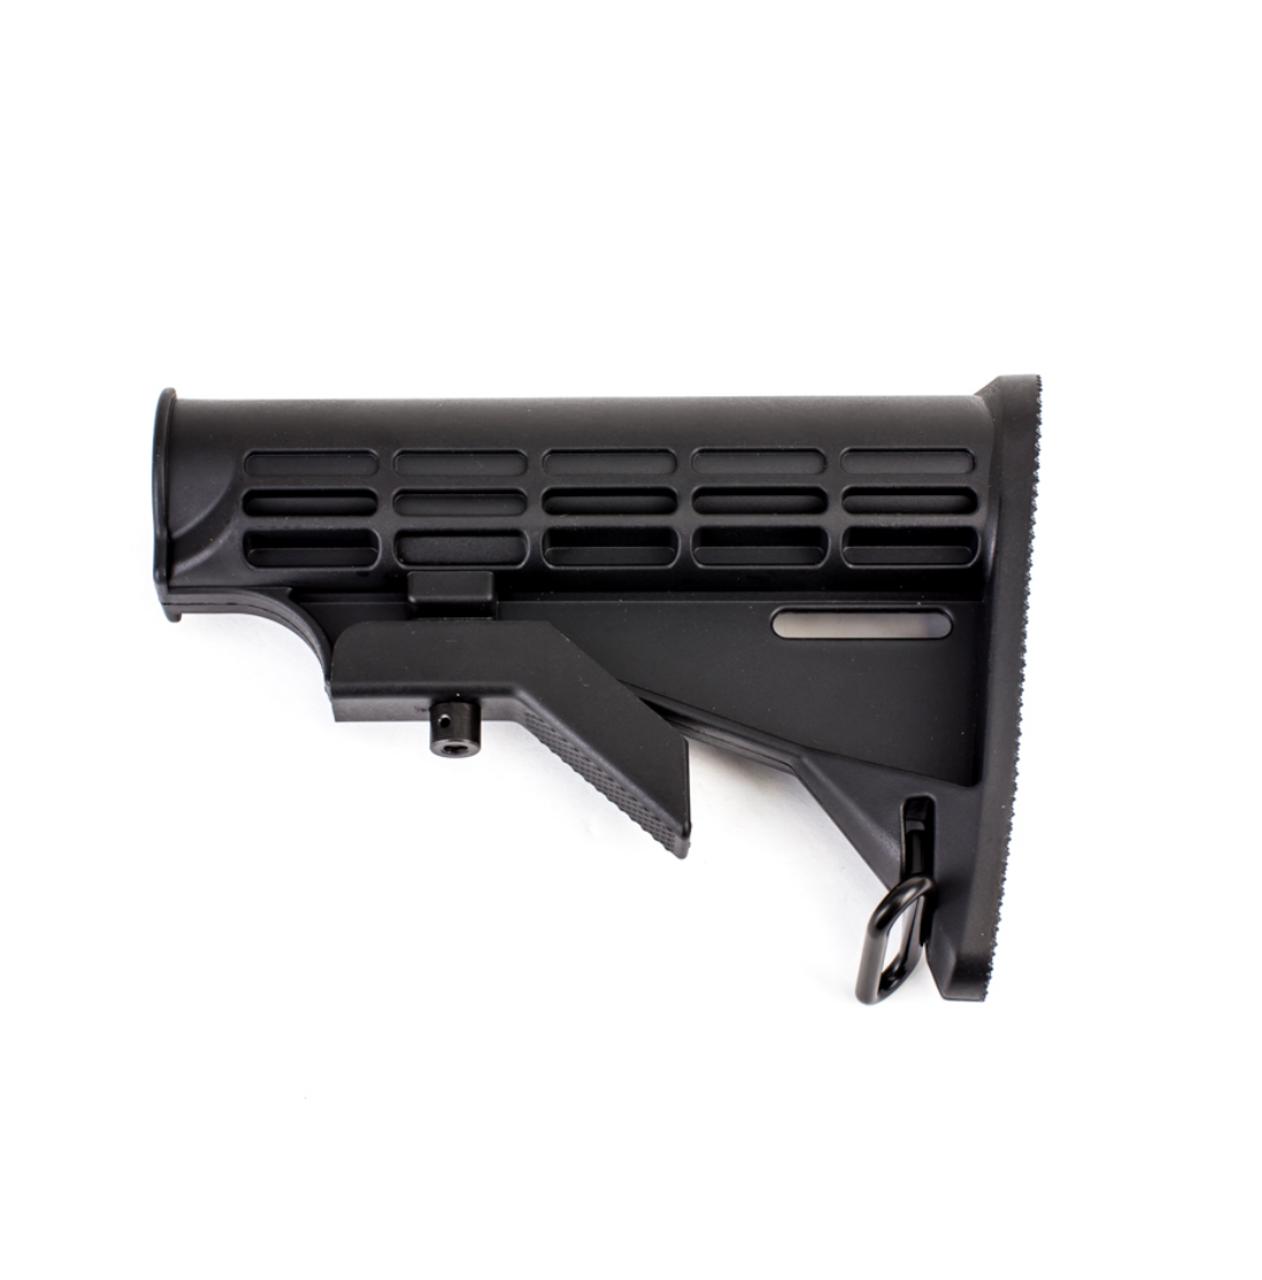 Adjustable Mil Spec Carbine Buttstock USA Made Black